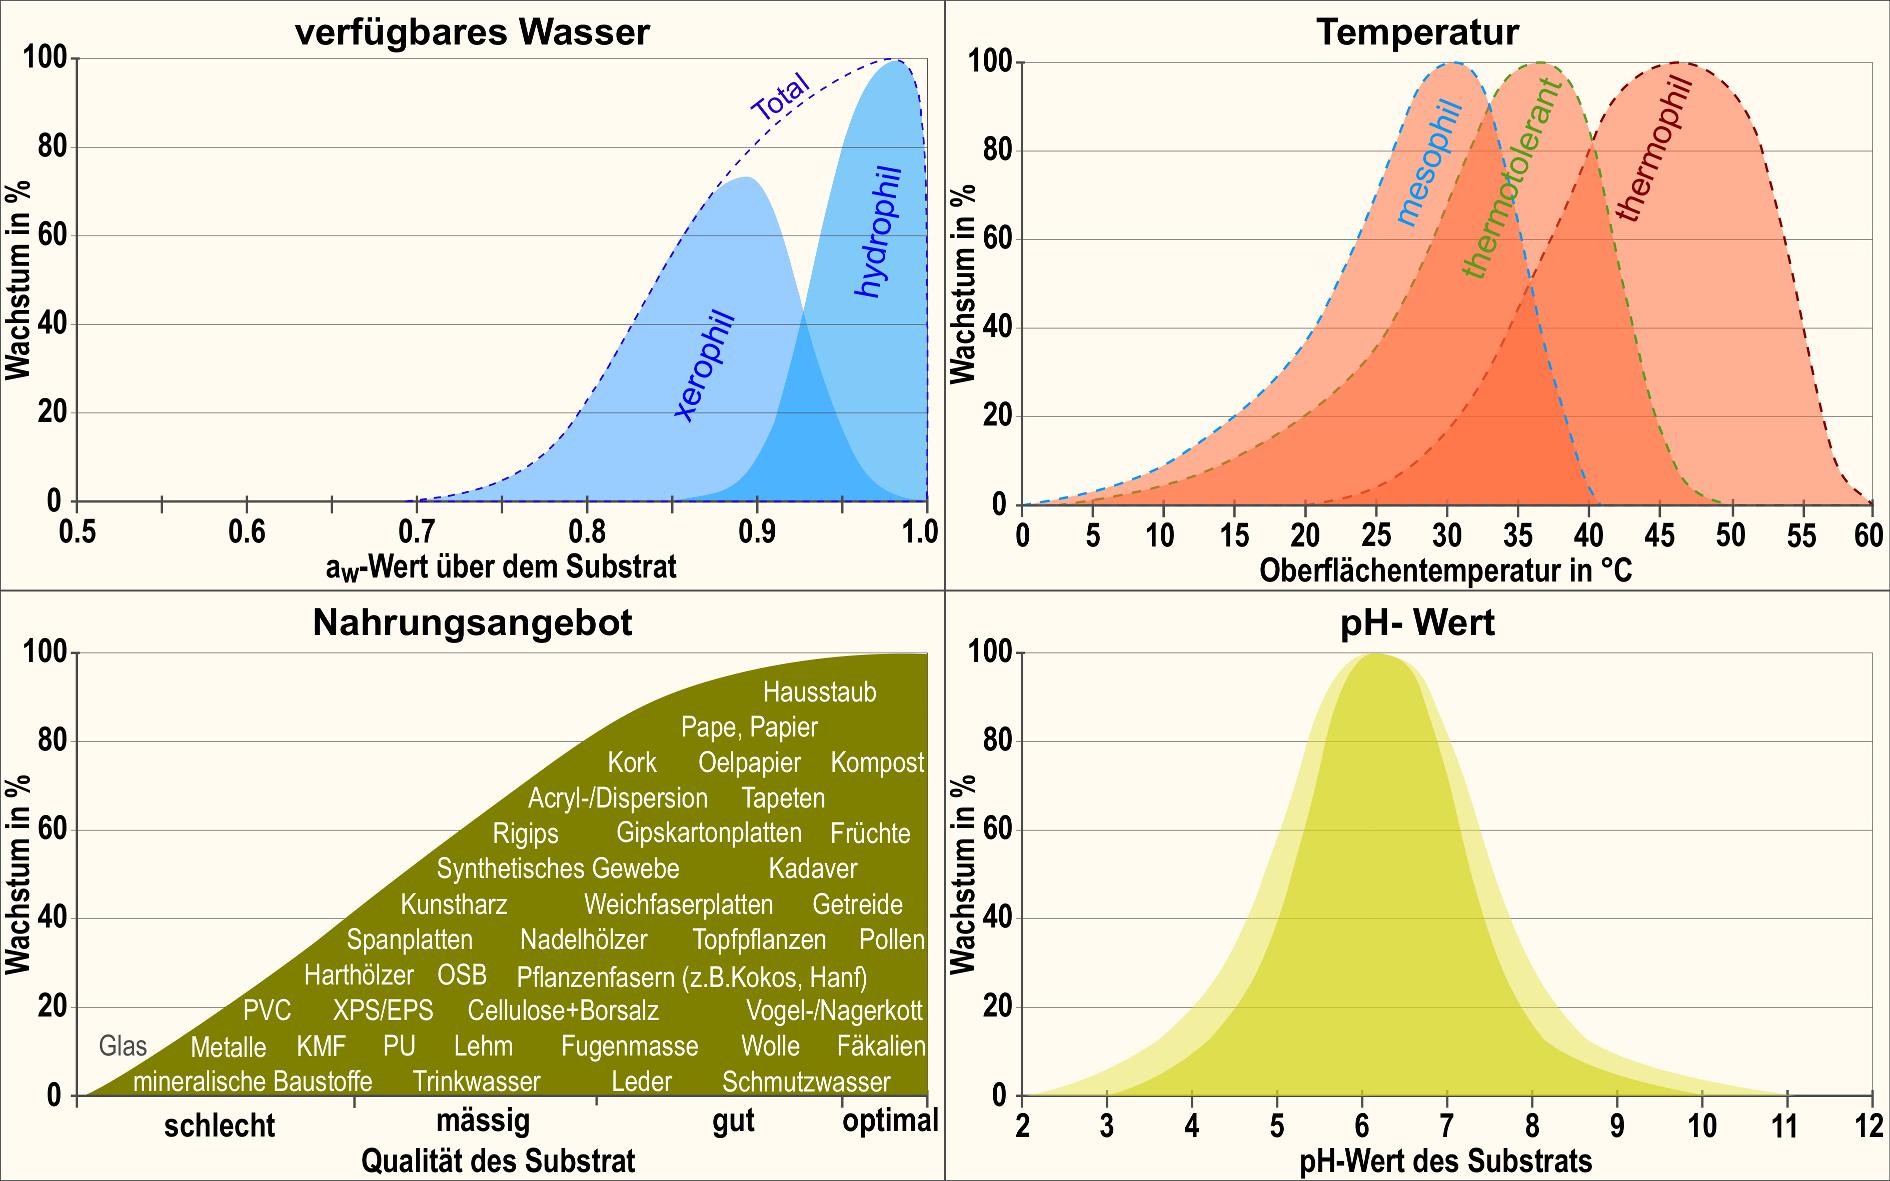 xerophile Schimmelpilze zeigen bereits ab einem aw-Wert von 0,7 - hydrophyle ab knapp 0,9 ein Wachstum; Mesophile Pilze gedeihen zwischen 0 bis knapp 40°C – thermotolerante zwischen 5 bis knapp 50°C - thermophile zwischen gut 20 bis knapp 60°C; Bei einem ph-Wert von 3 bis 10 siedelt sich Schimmel auf Tapeten, Hölzern, Textilien, Dämmaterialeien, Putzen, Gipsplatten, Lehm, Farben usw. an.